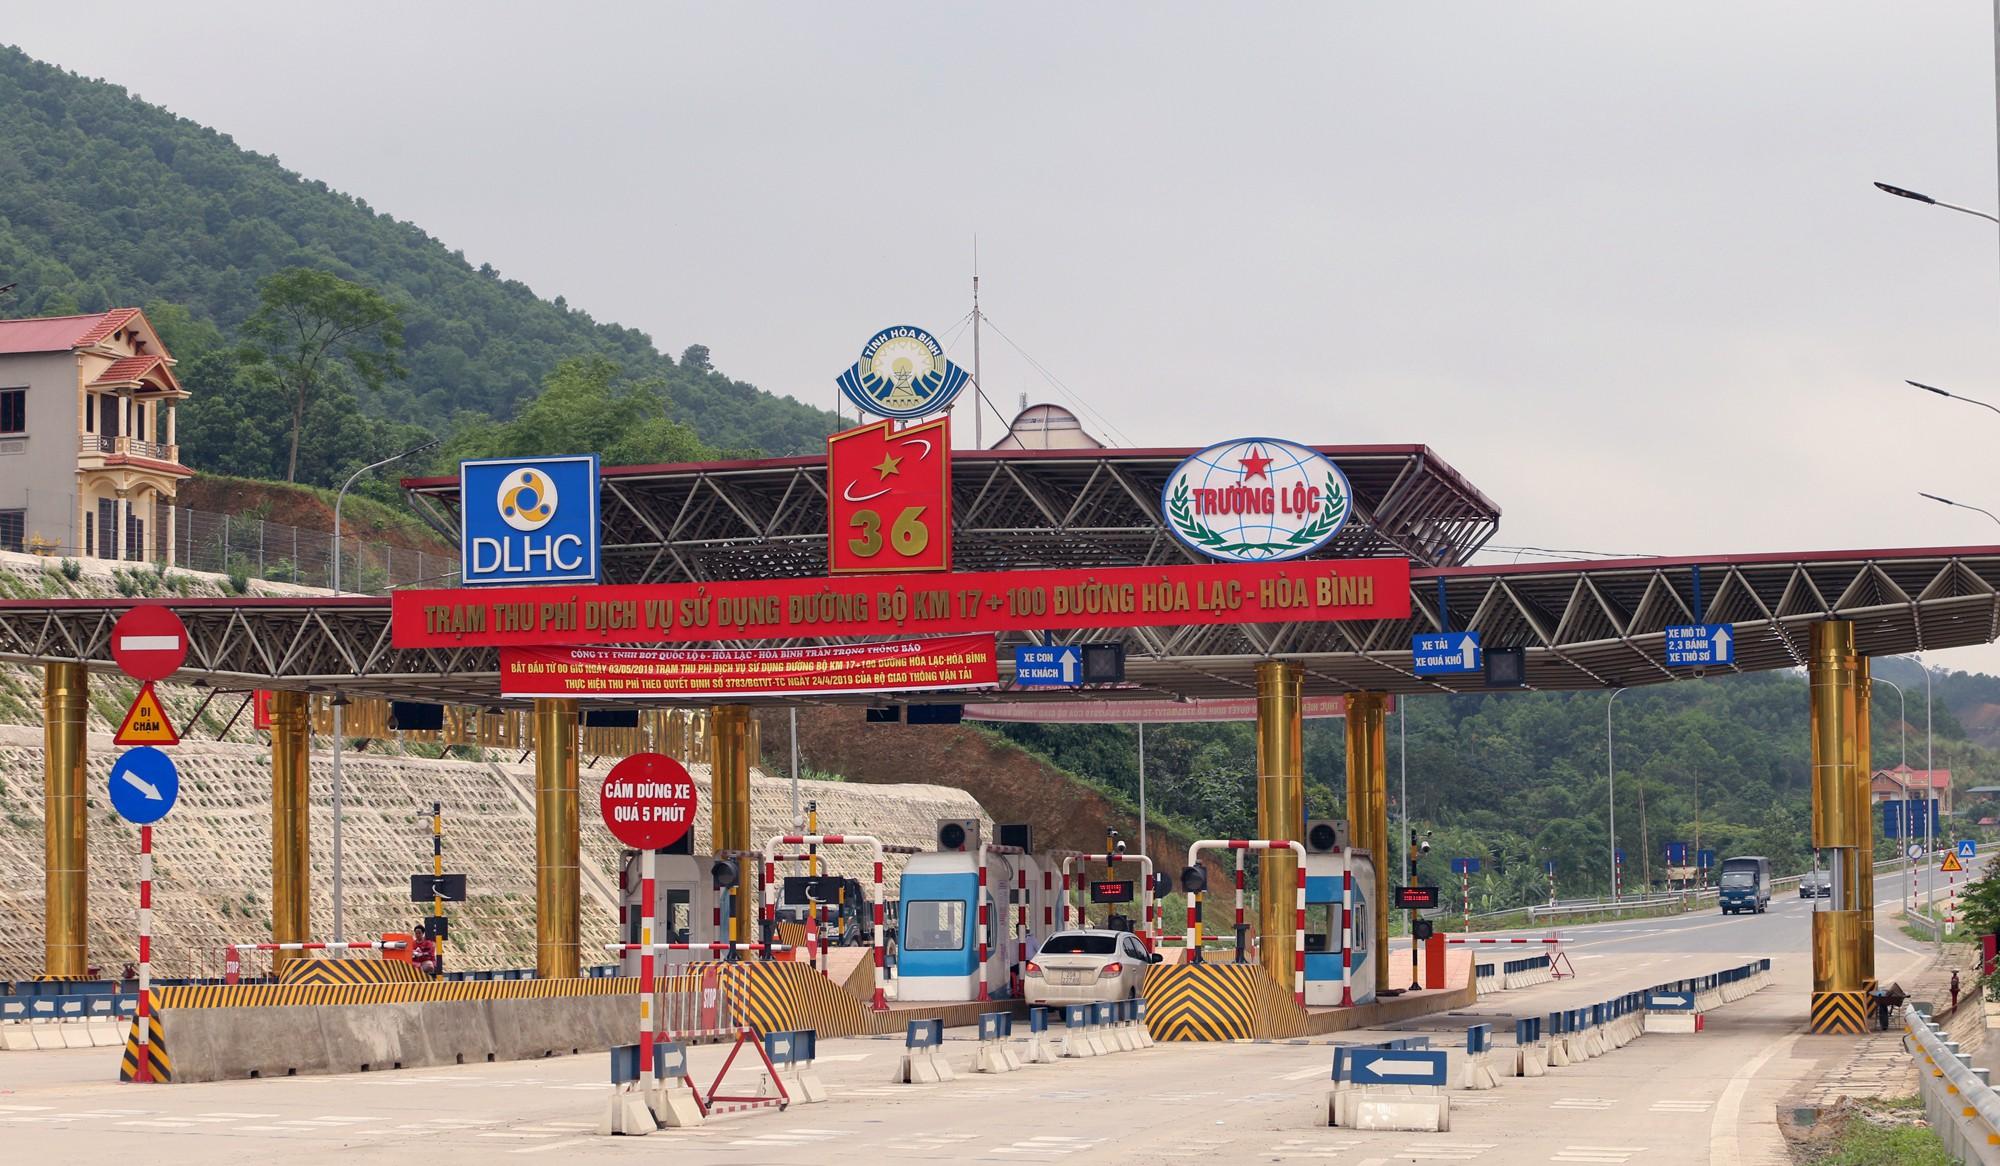 Lãnh đạo trạm BOT Hòa Lạc - Hòa Bình bỏ 17.500 đồng tiền túi mua vé hộ chủ xe con - Ảnh 3.